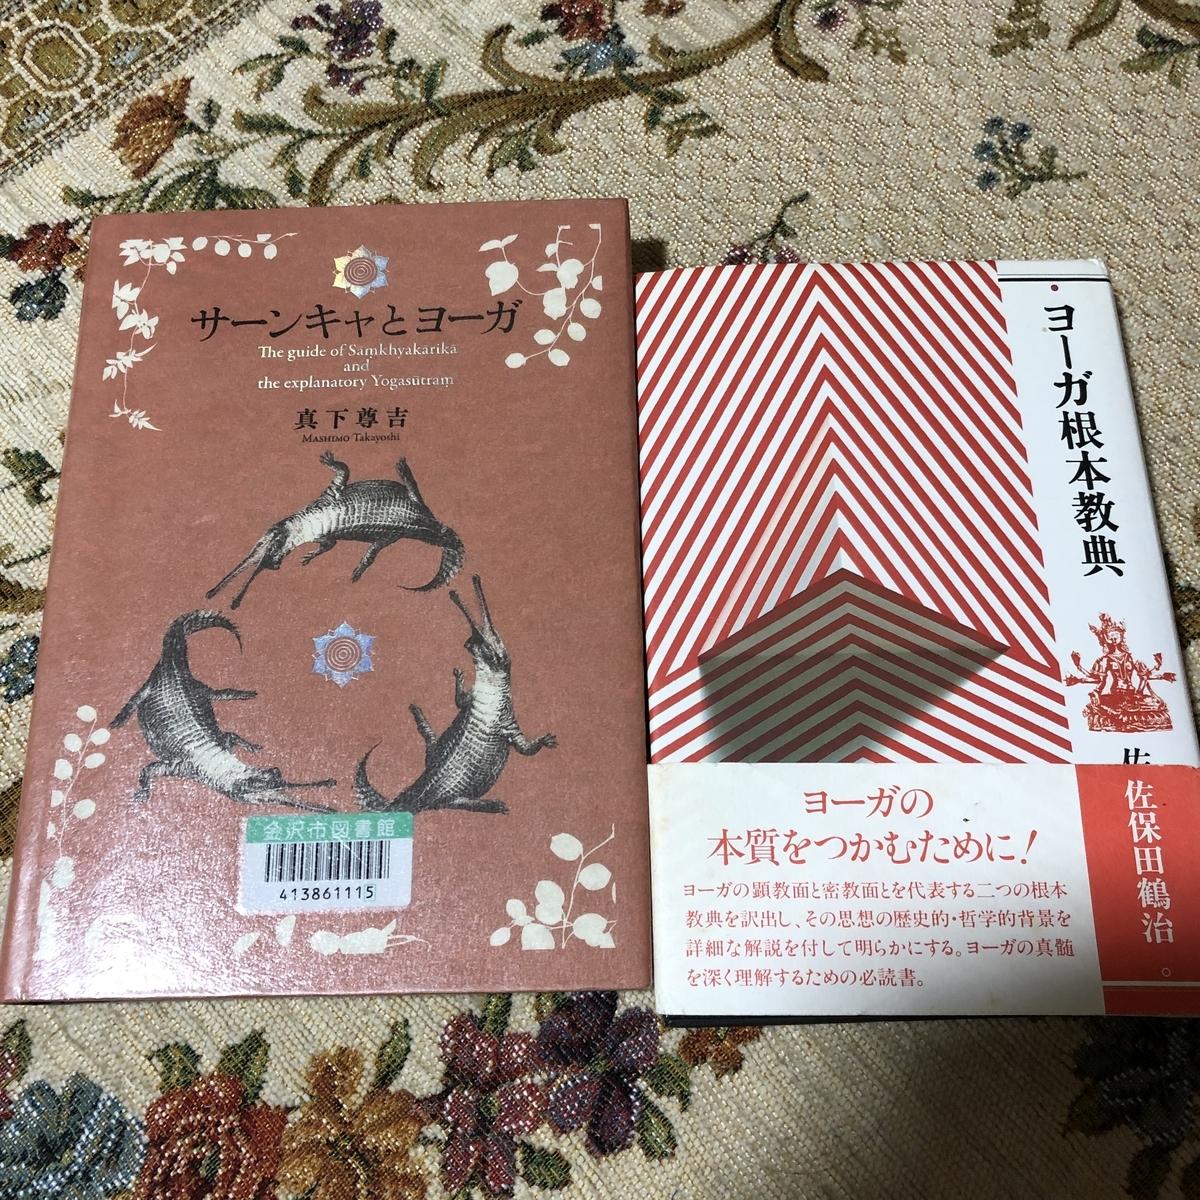 f:id:bobyuki:20190930170840j:plain